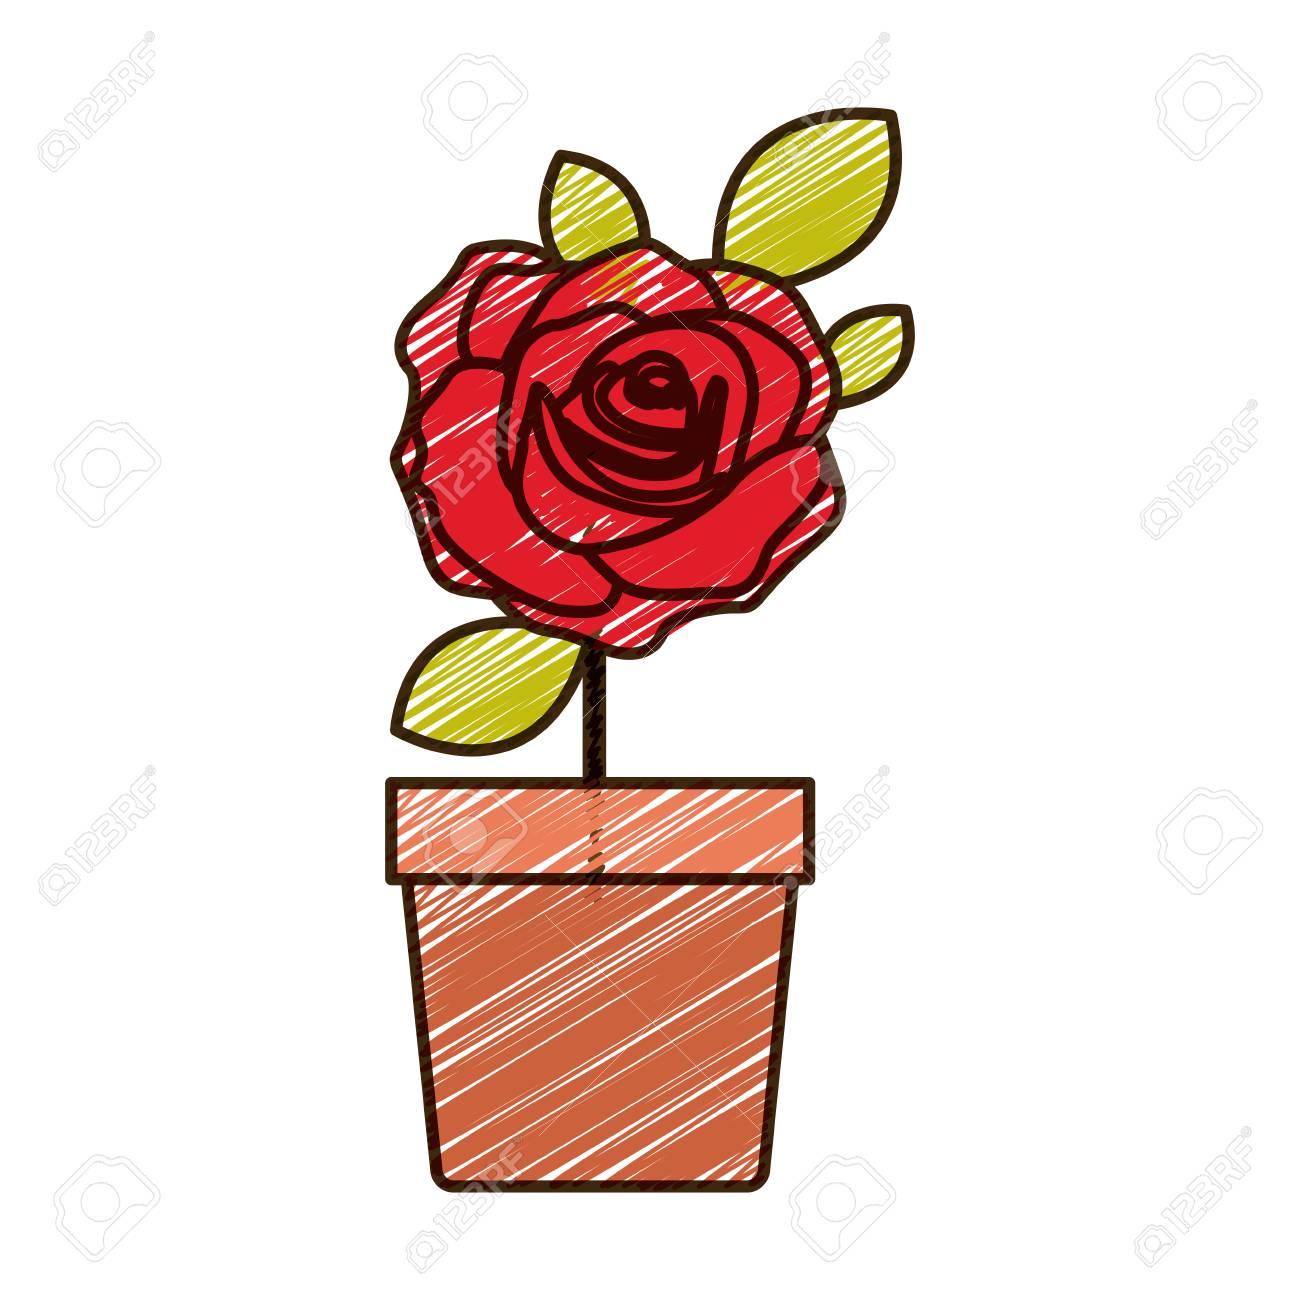 Dibujo A Lápiz De Color De Flor Rosa Roja Con Hojas Y Tallo En